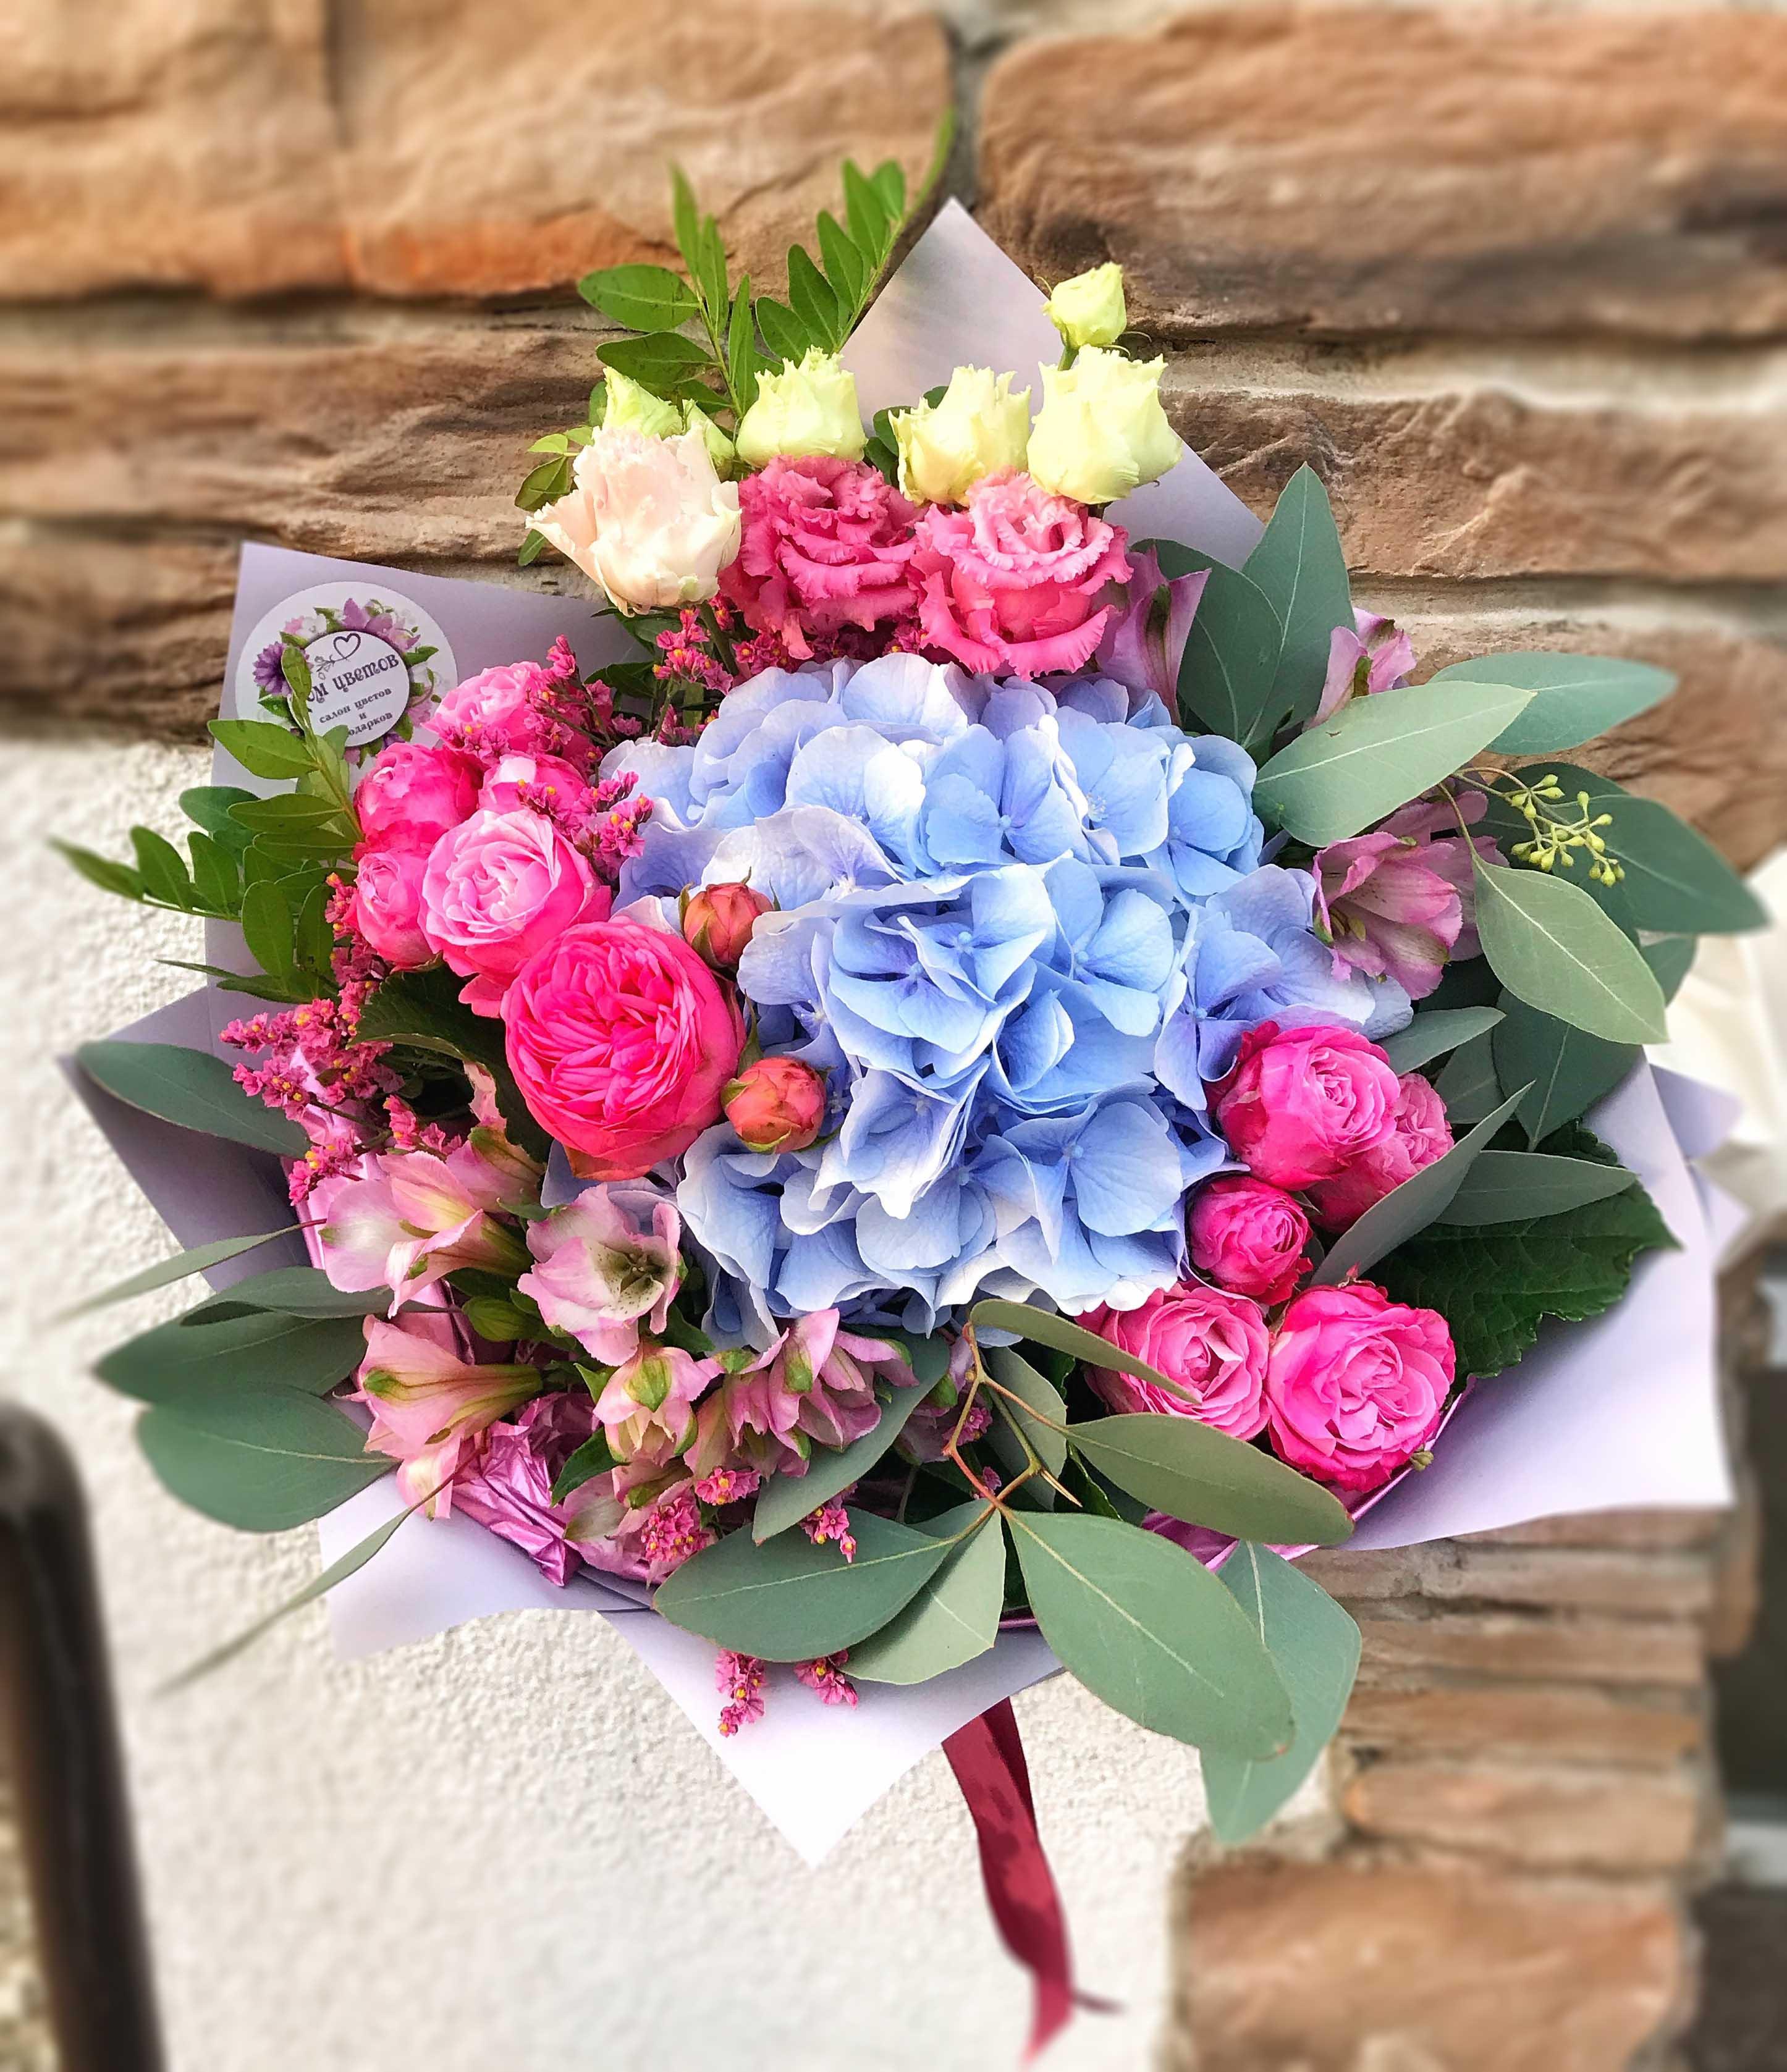 Купить цветы в минске утром, букет из гвоздик на день рождения